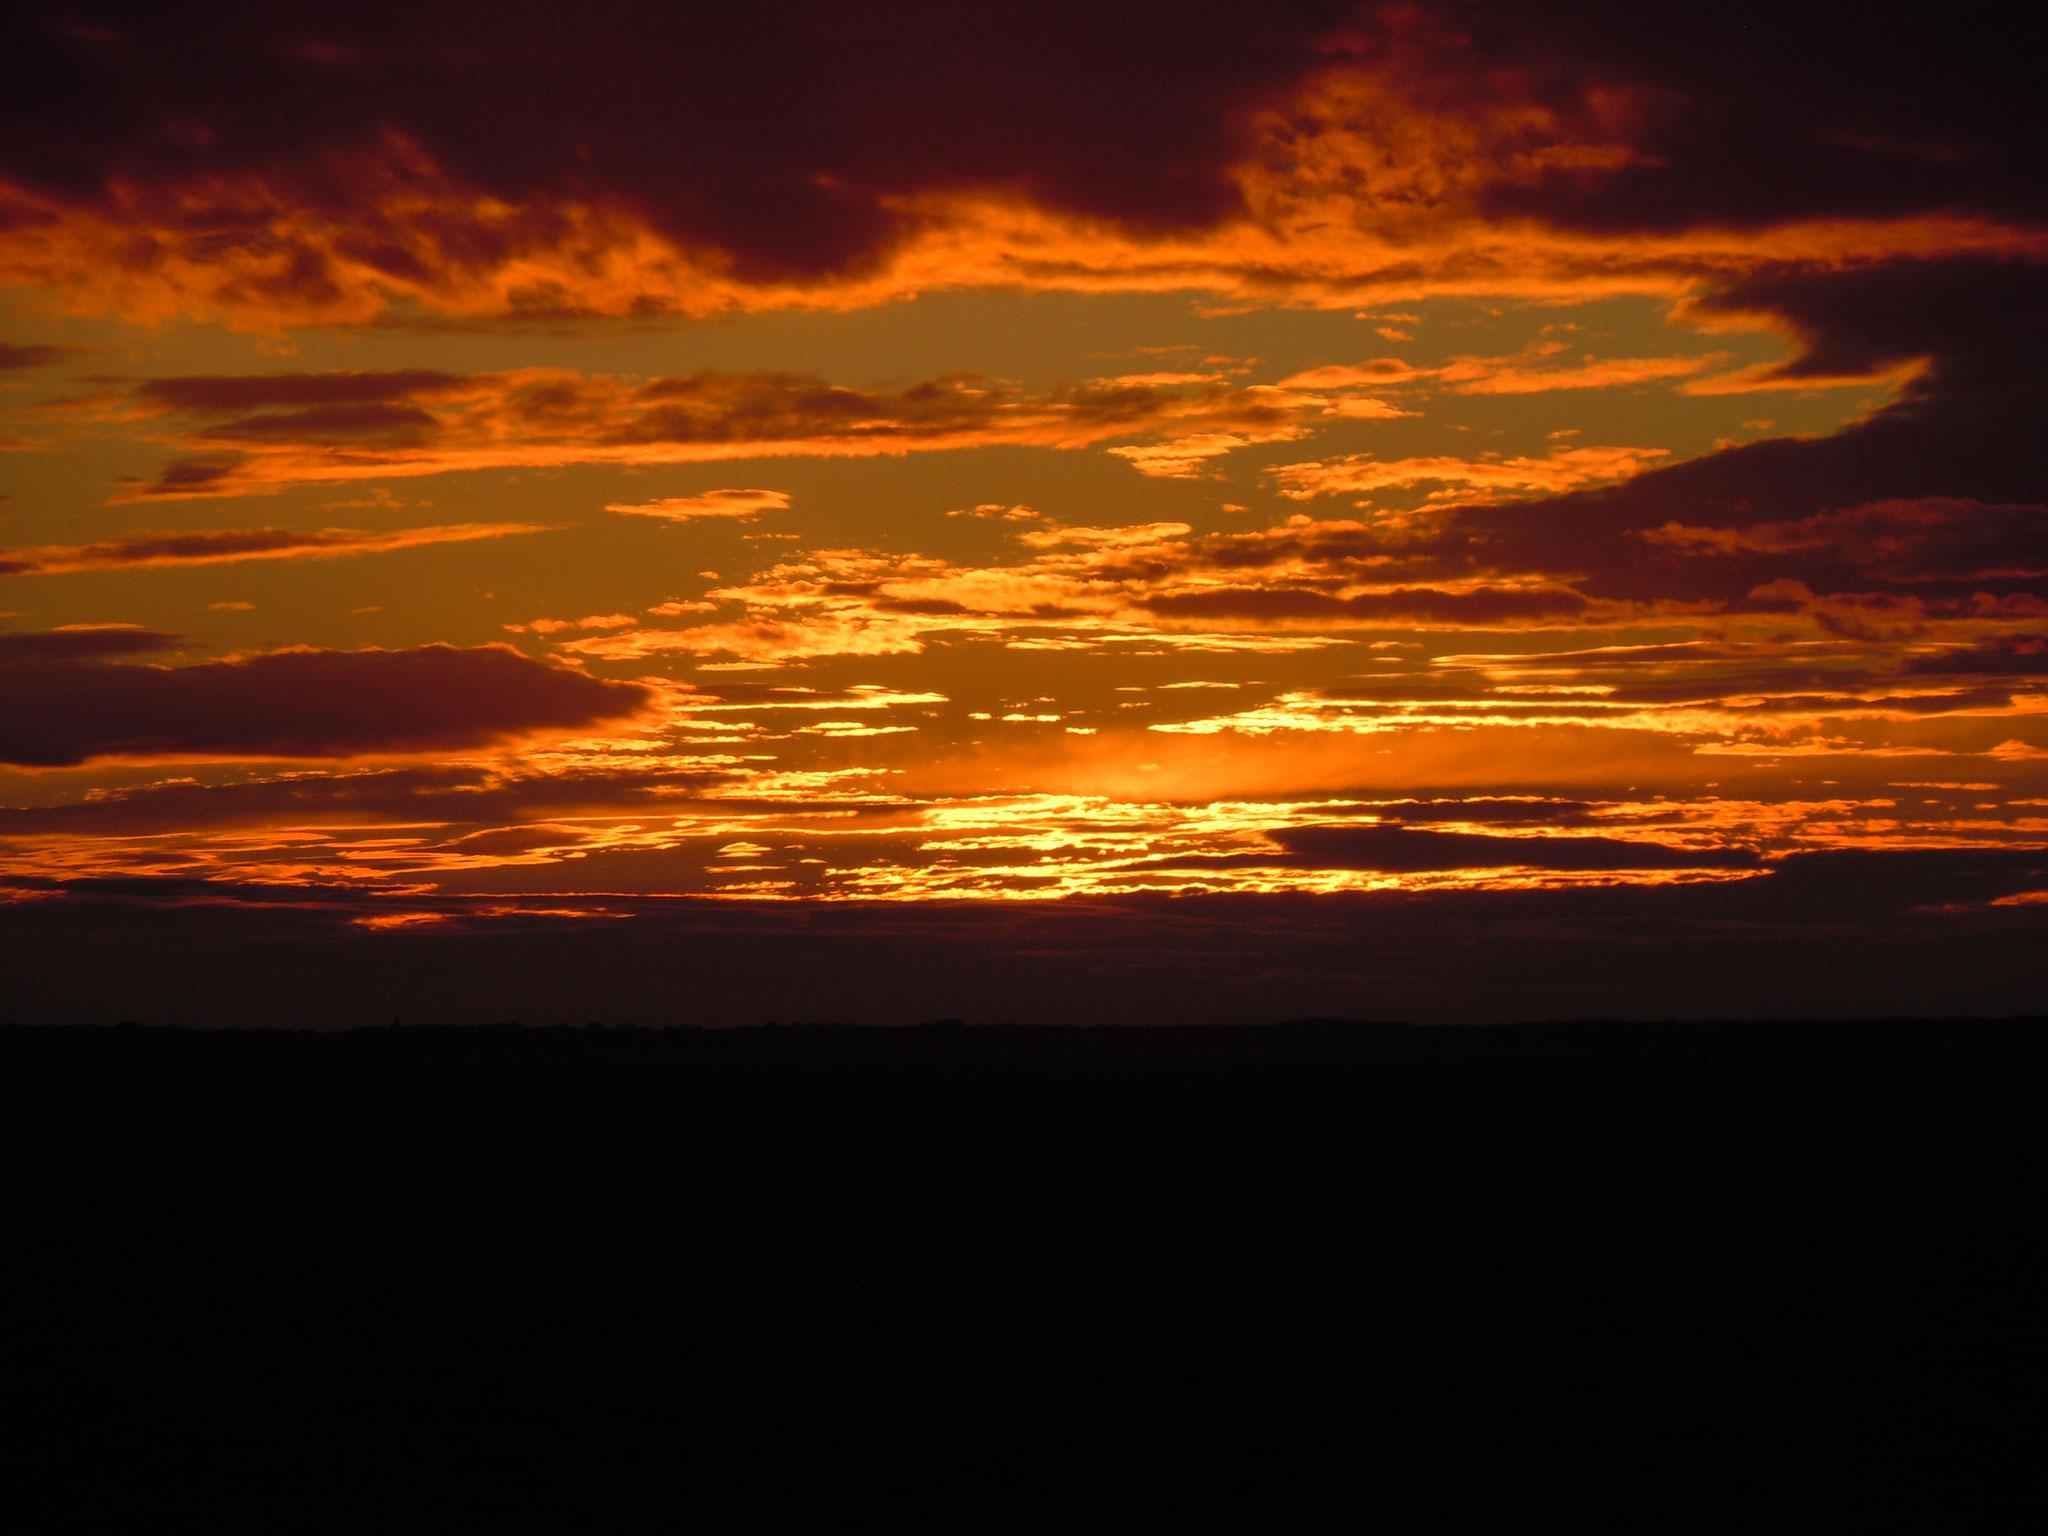 Sonneuntergang auf der Ostsee